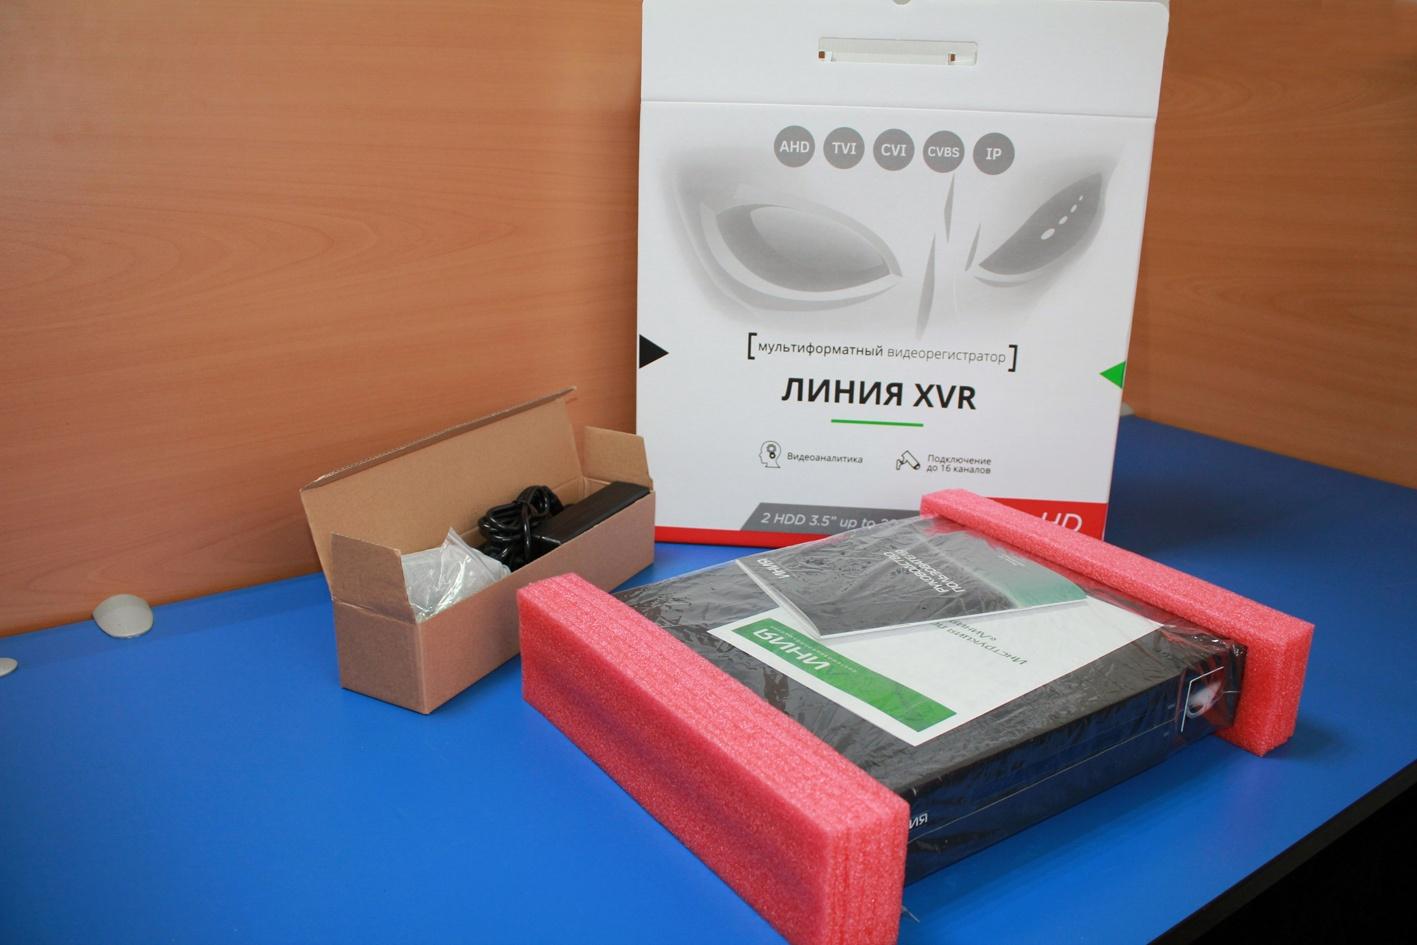 Обзор мультиформатного видеорегистратора «Линия XVR» - 2